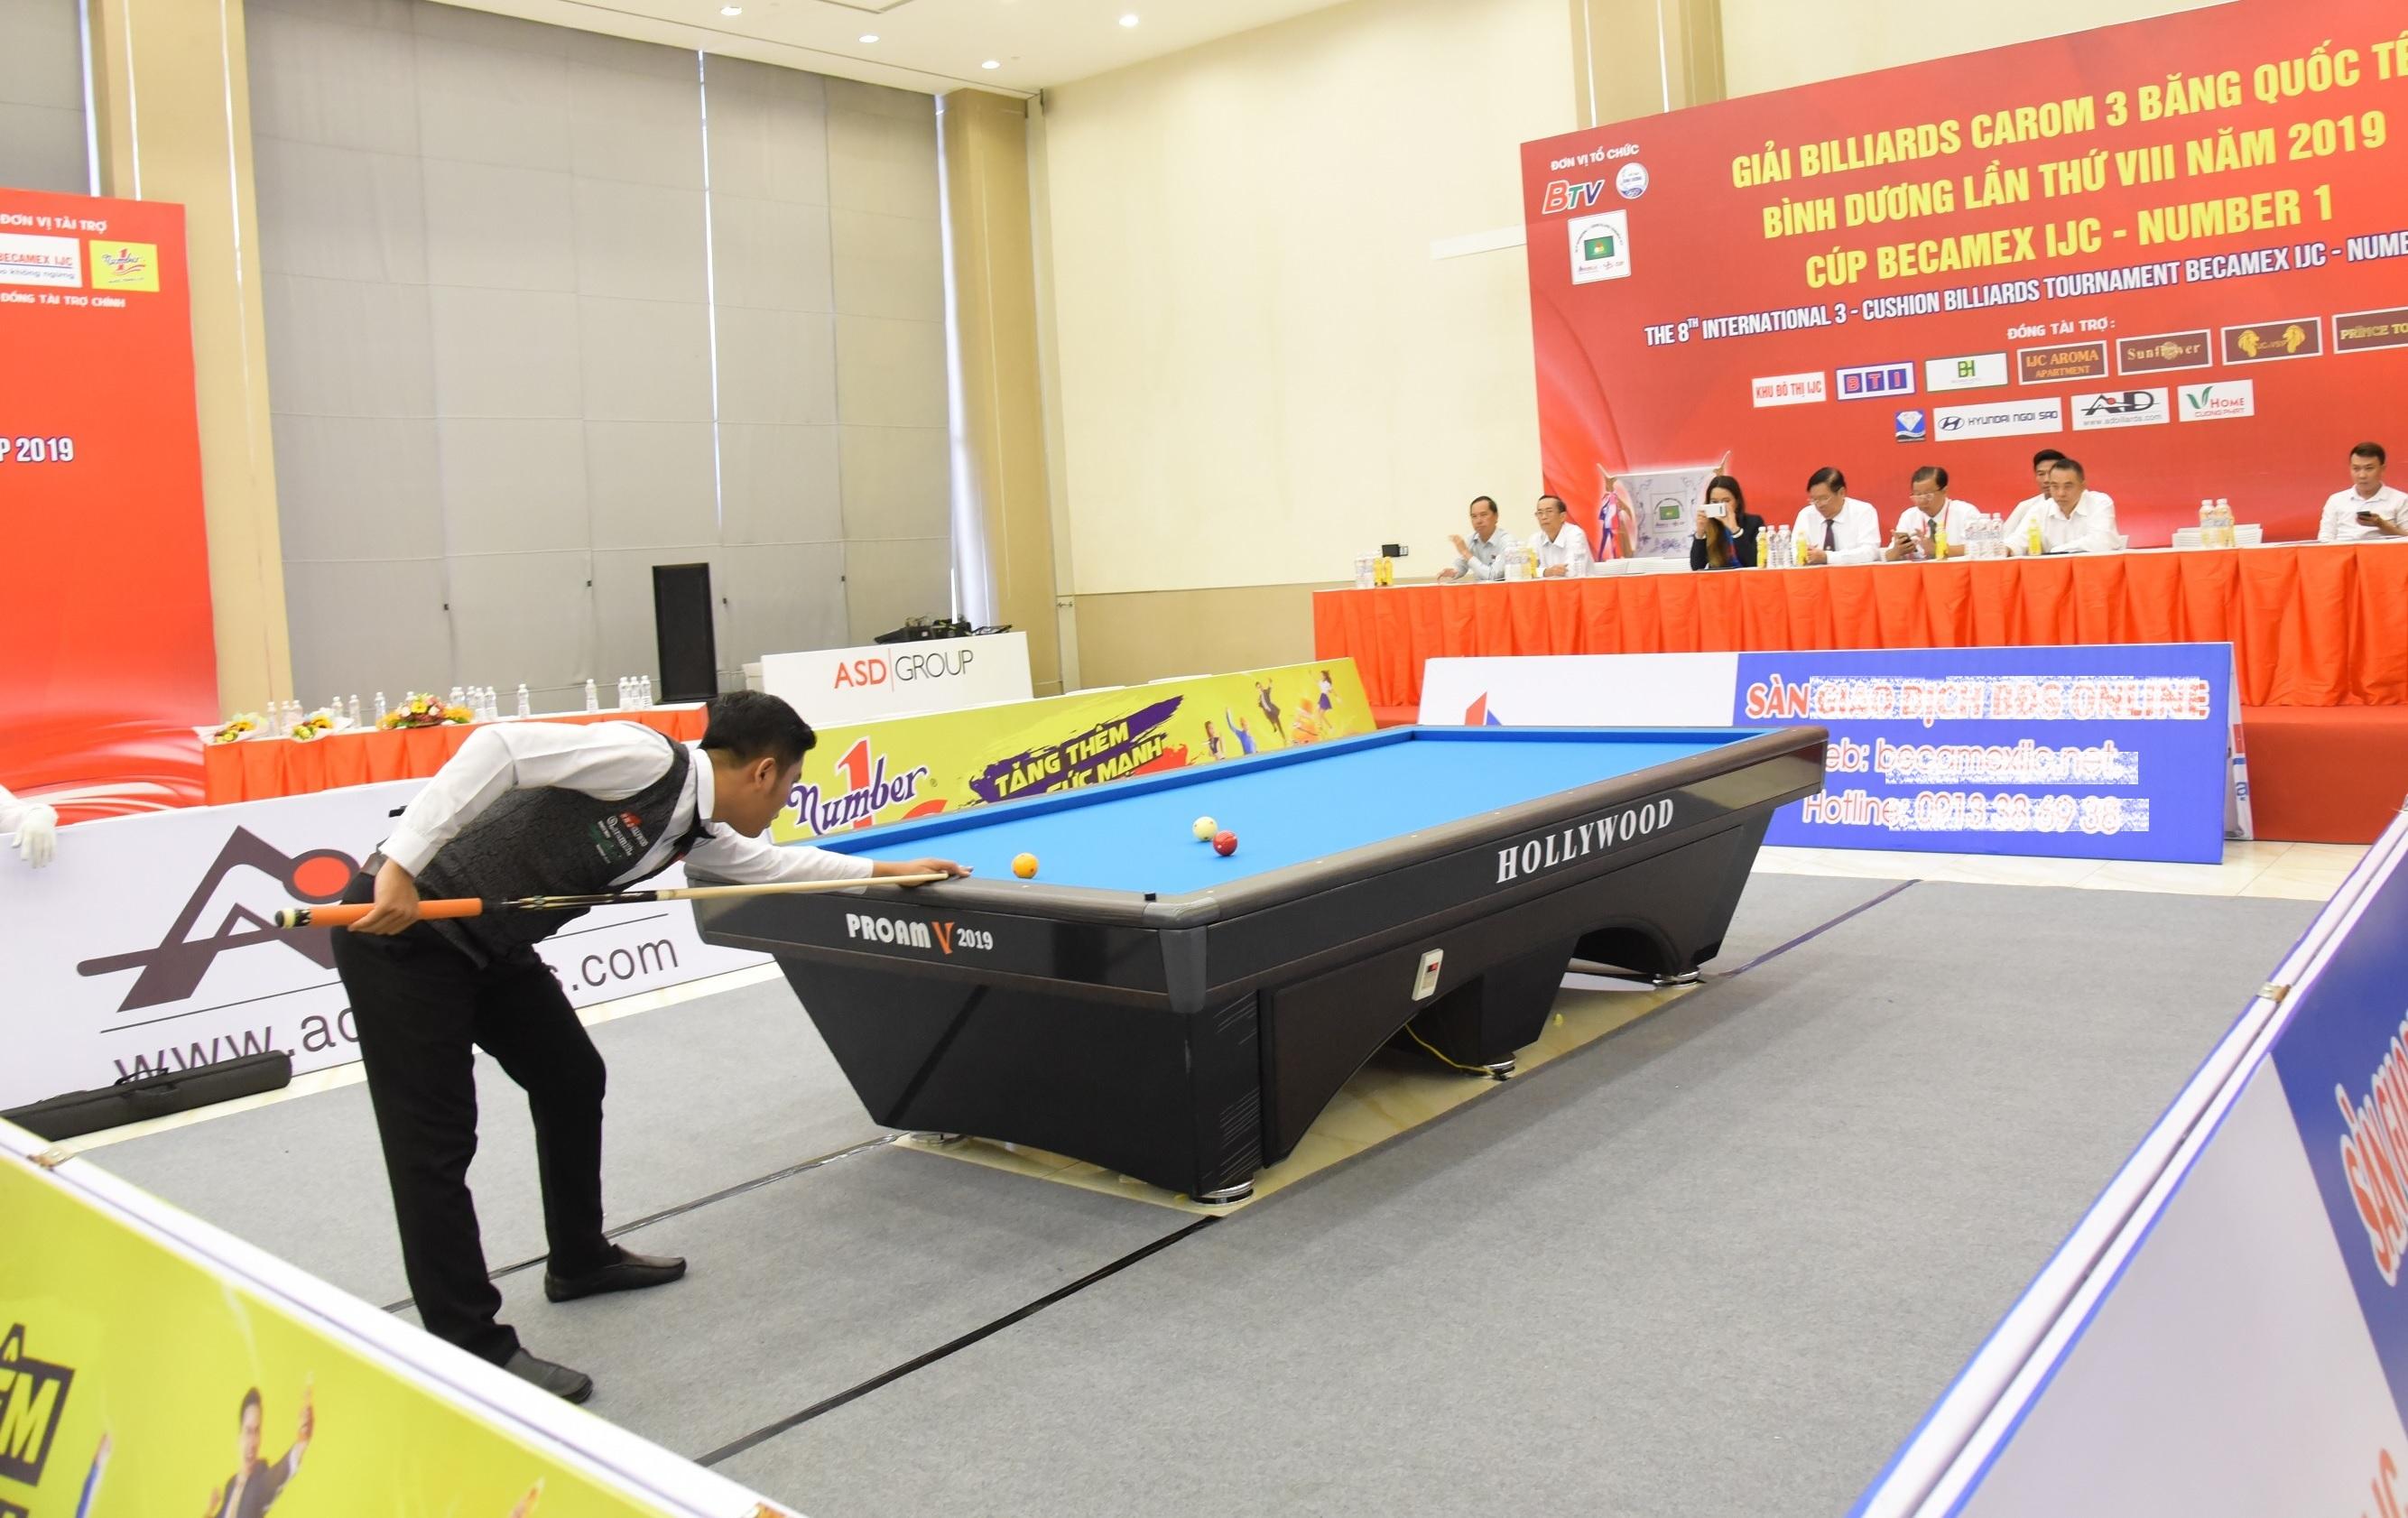 Nước tăng lực Number 1 tiếp tục đồng hành cùng Giải Billiards Carom 3 băng quốc tế Bình Dương